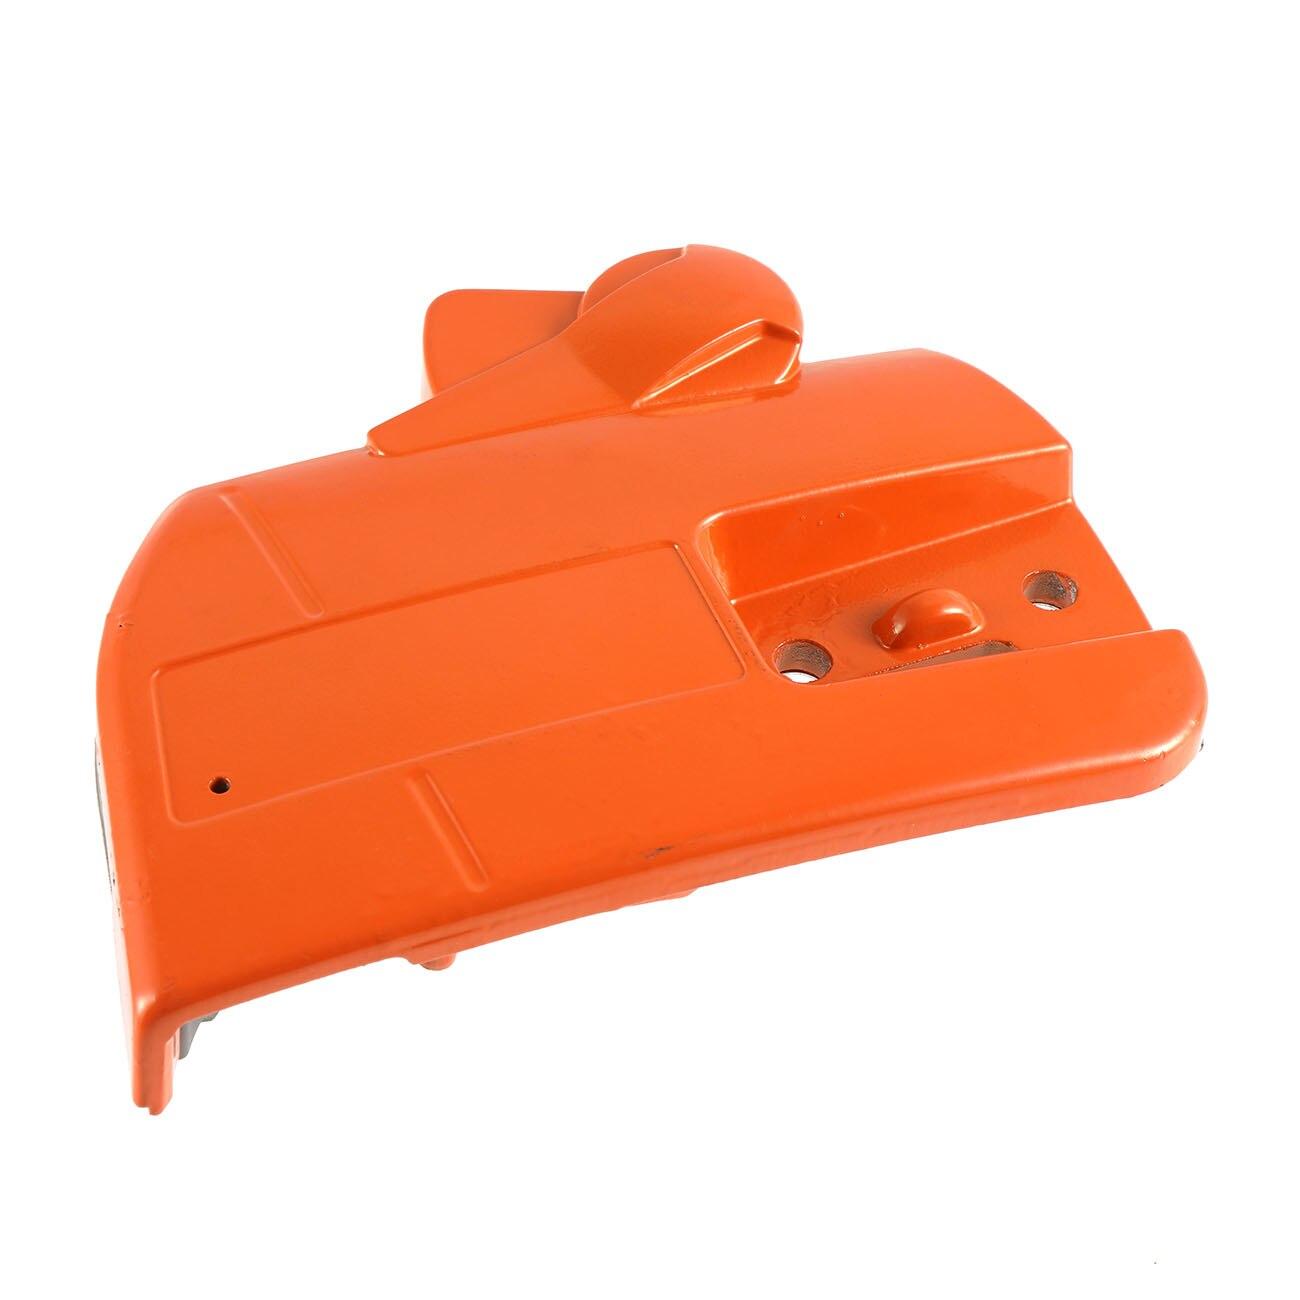 Brake Side Cover Clutch Tandwiel Voor Husqvarna 340 345 346 350 353 357 359